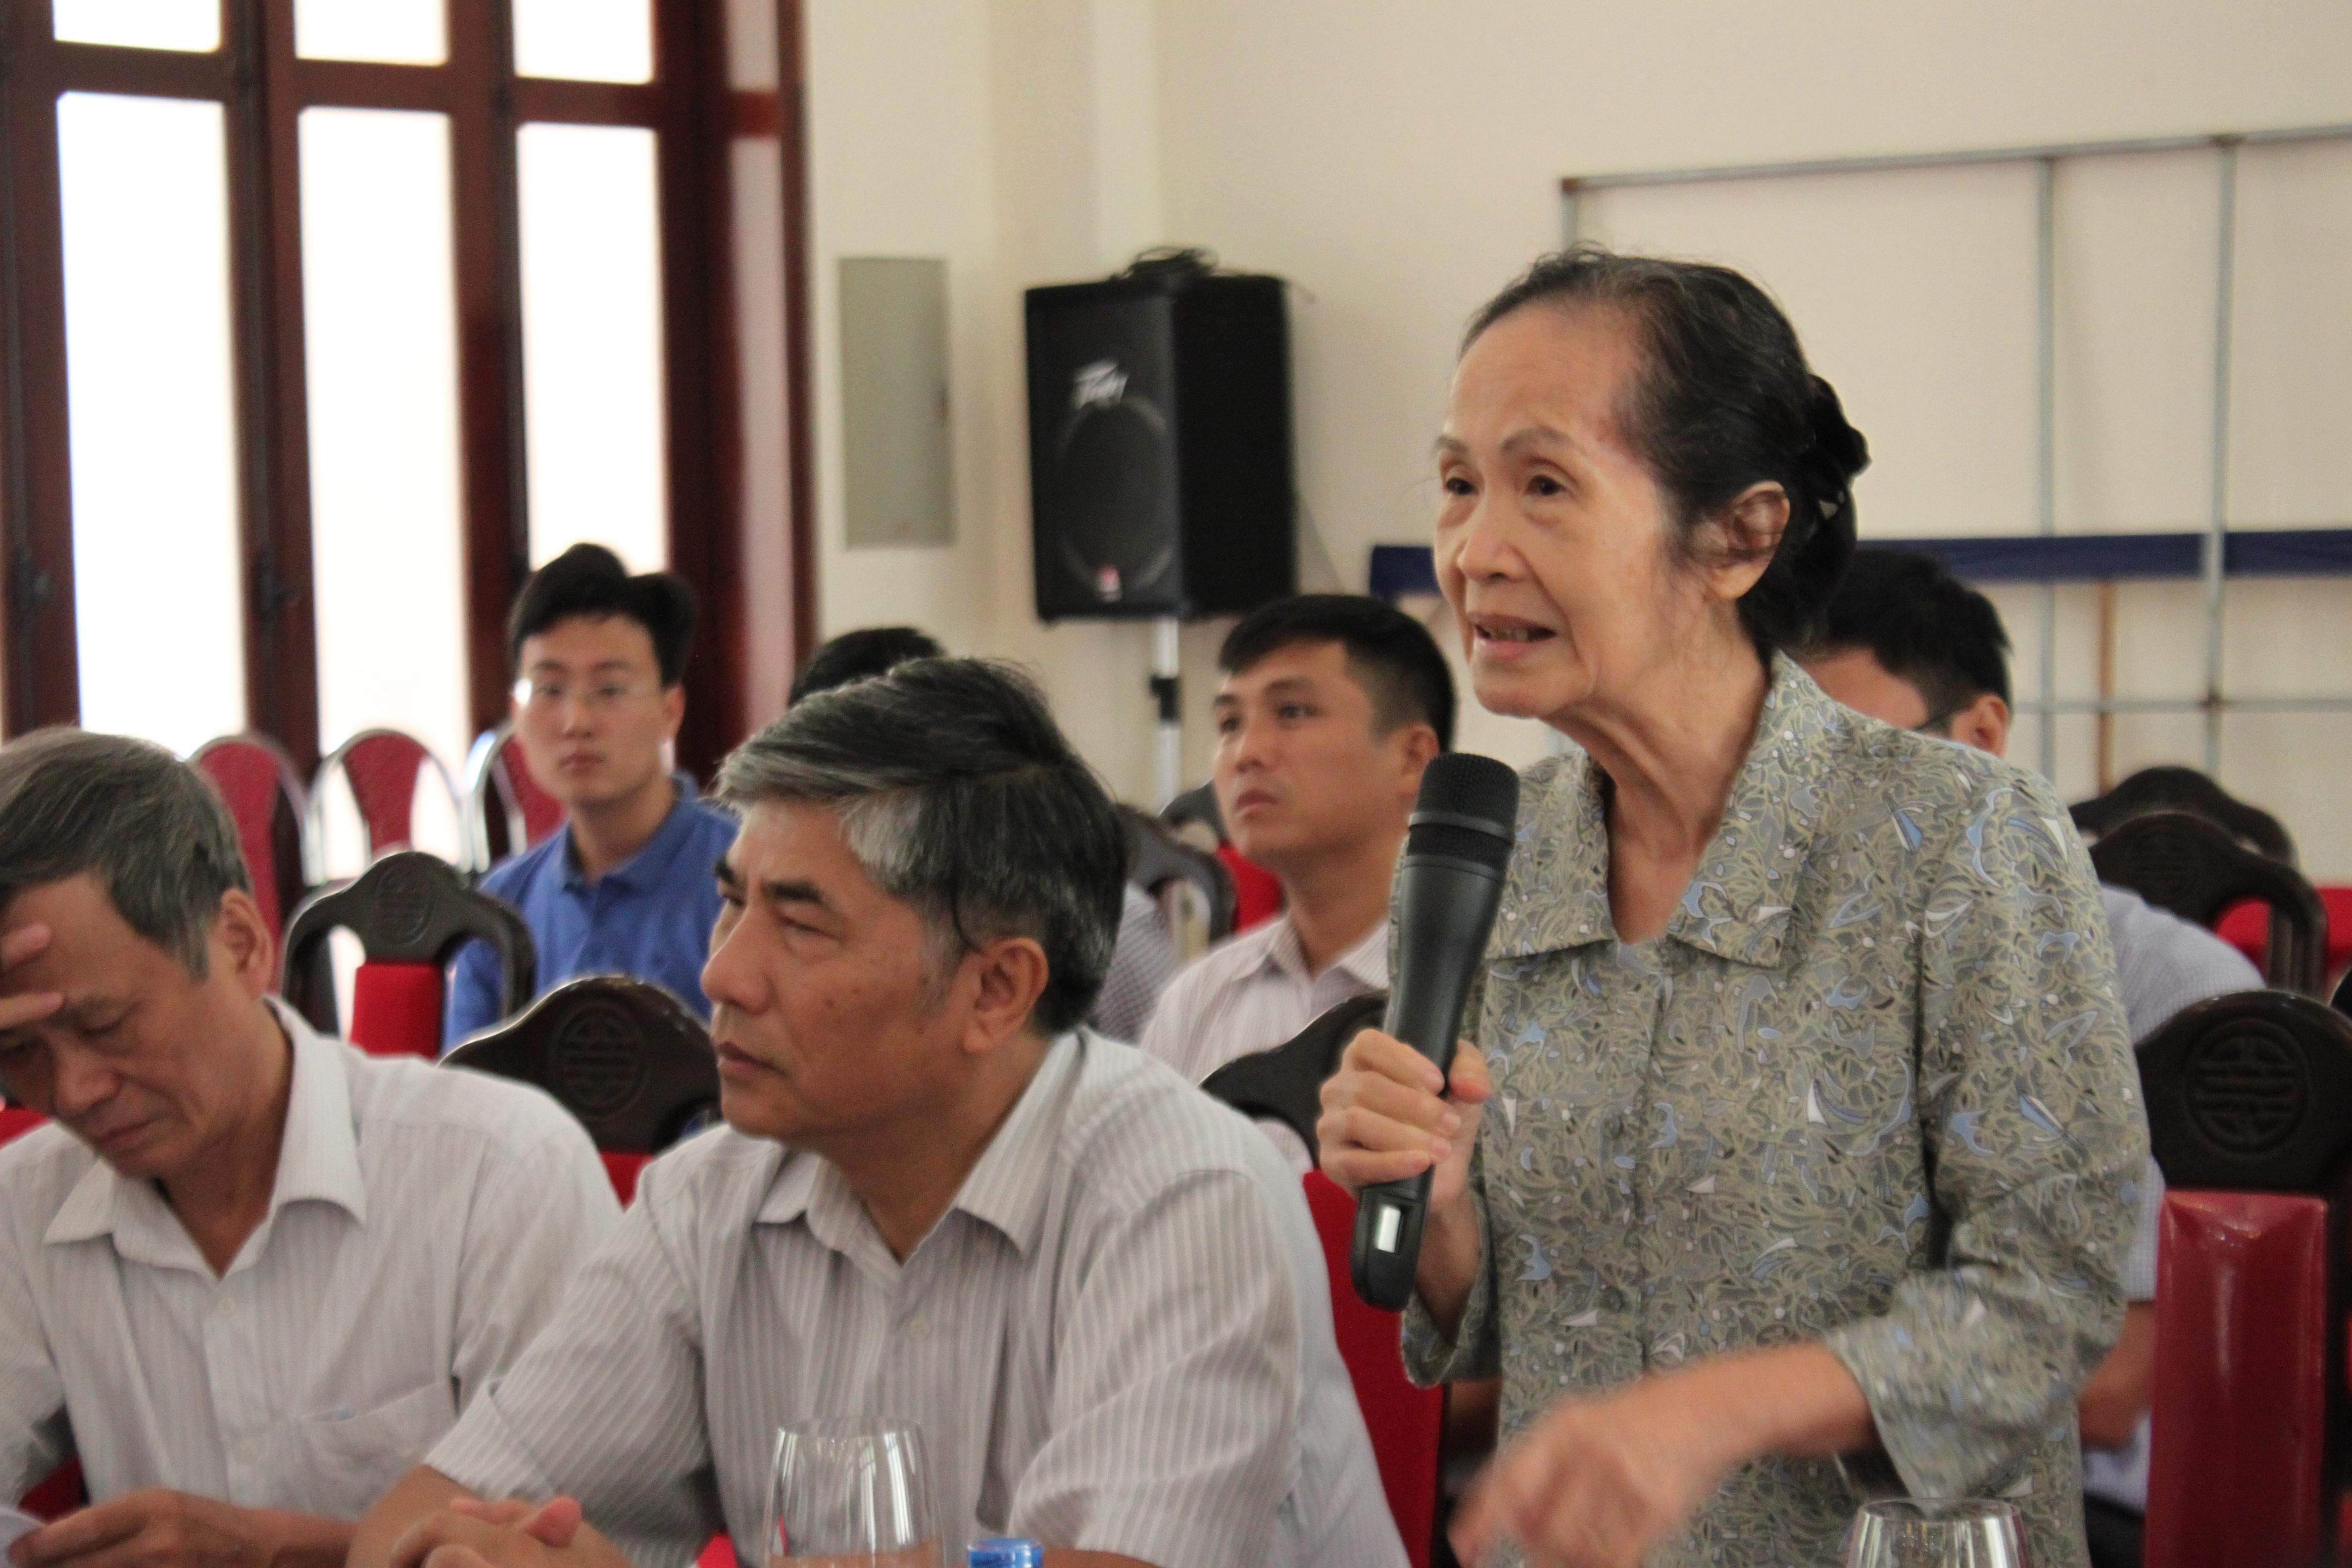 Chuyên gia Kinh tế Phạm Chi Lan (phải) và nguyên Viện trưởng Viện CIEM Lê Xuân Bá (thứ hai từ trái sang) có nhiều ý kiến sâu sắc tại Hội thảo trên.